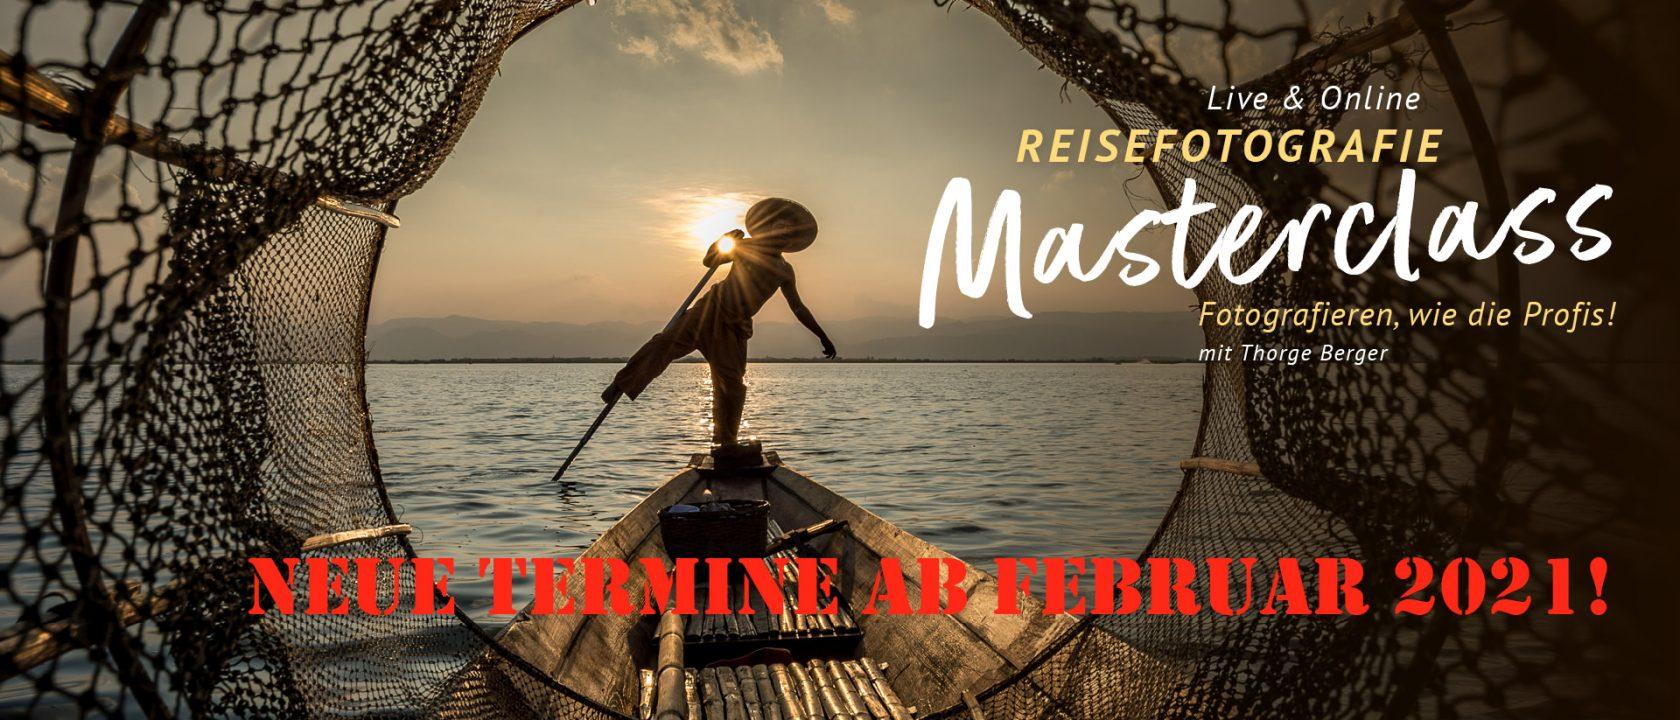 Masterclass Reisefotografie 2021 - neue Termine ab 08. Februar